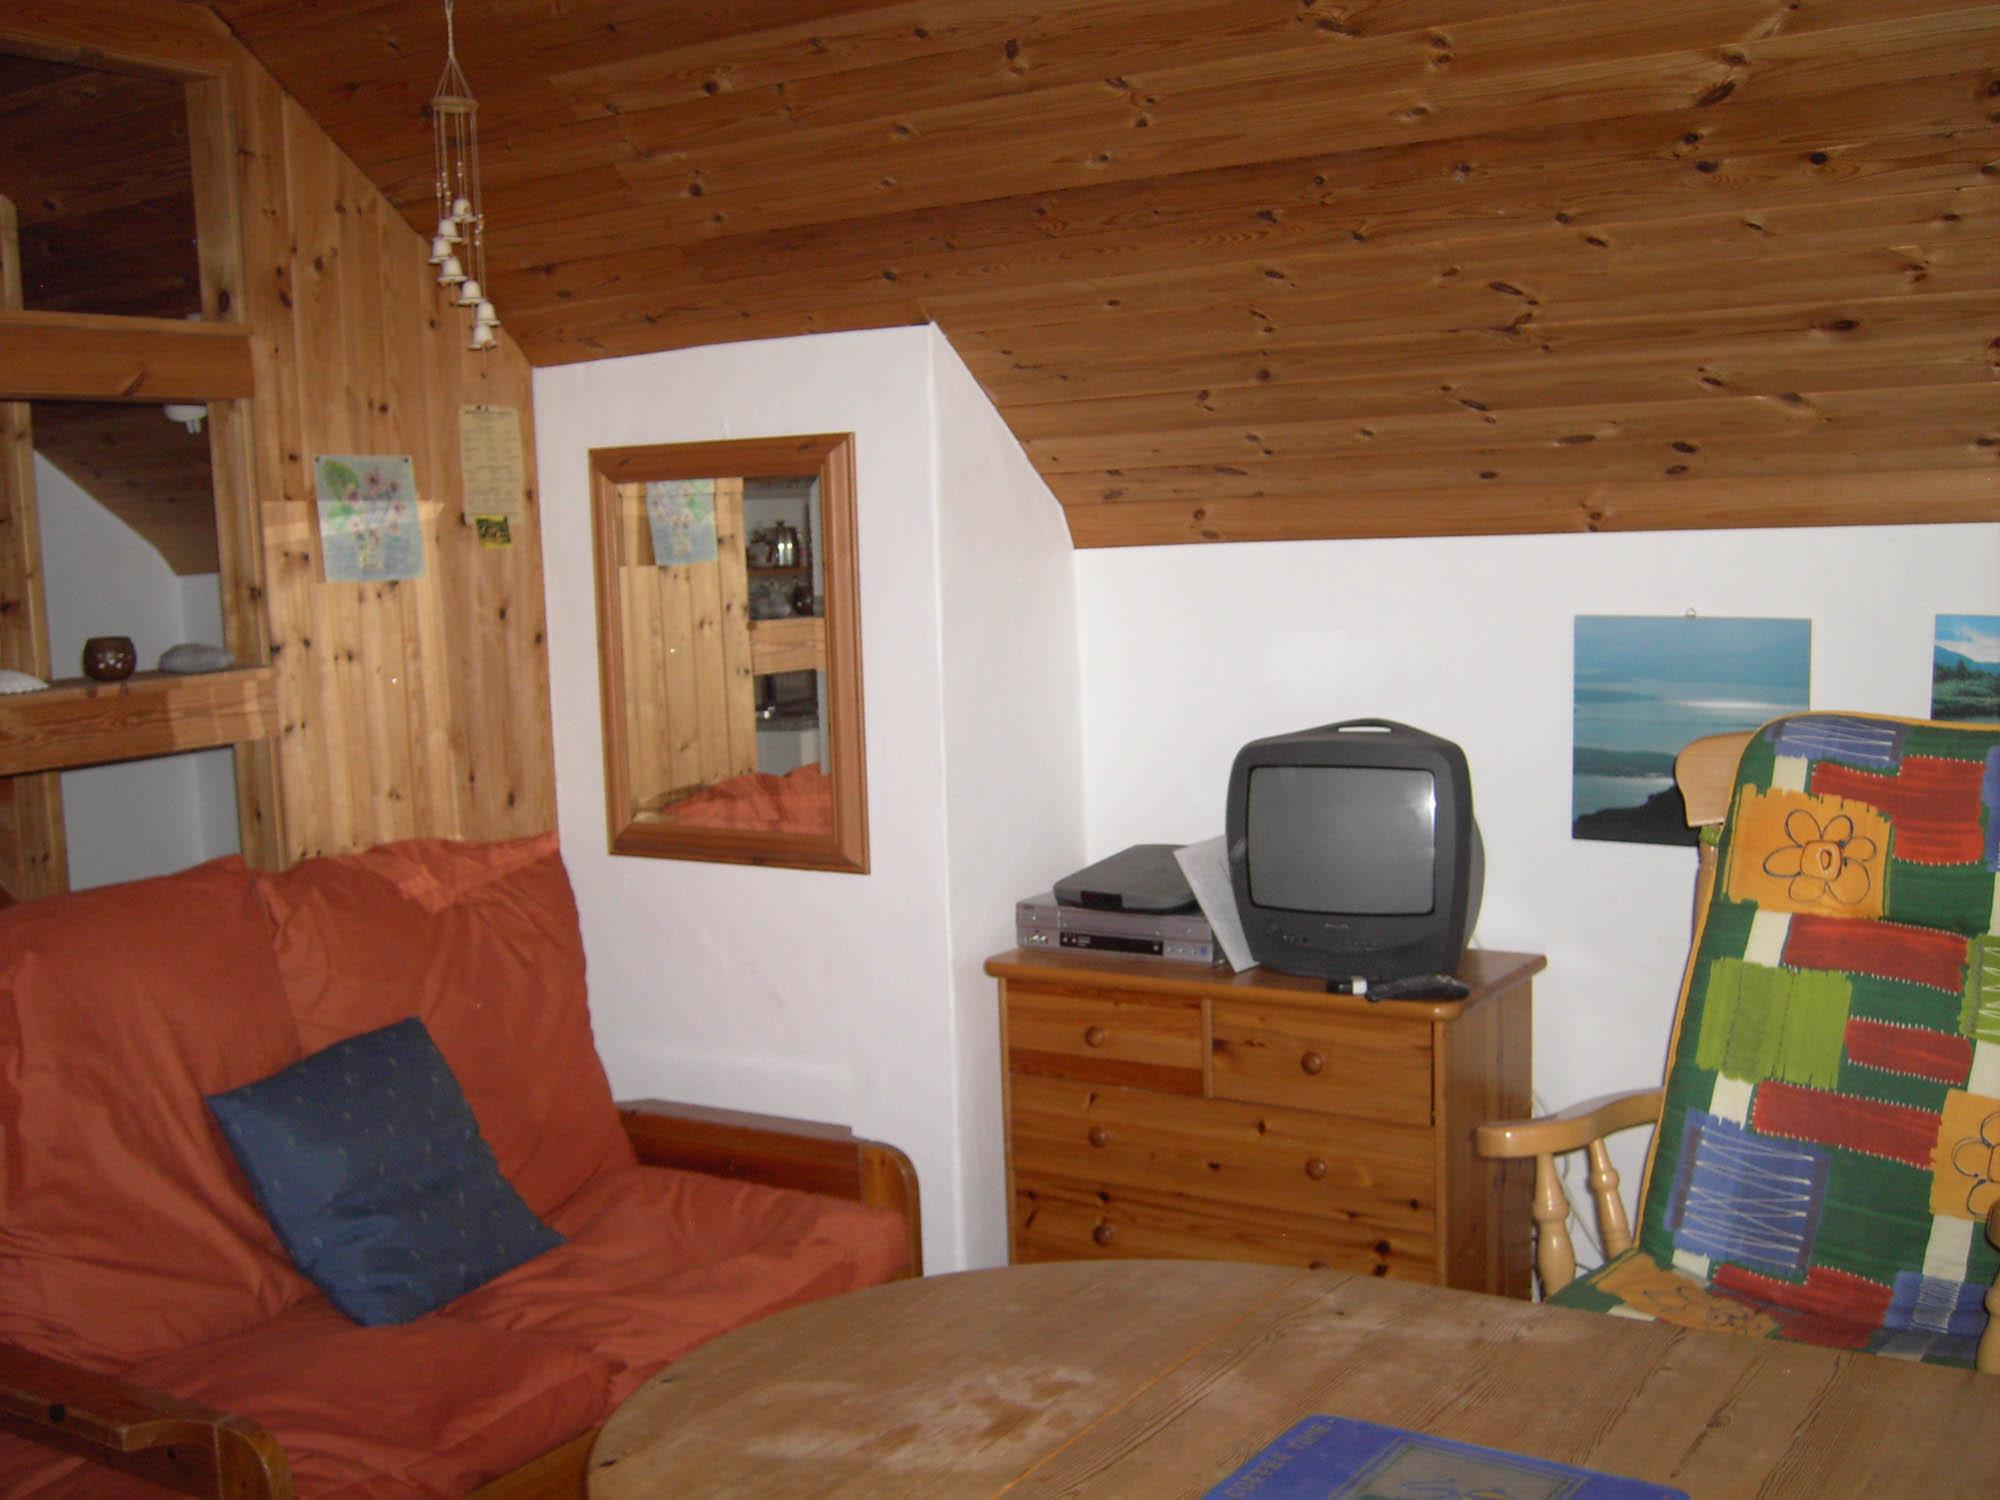 Der Wohnraum der Schmiede.